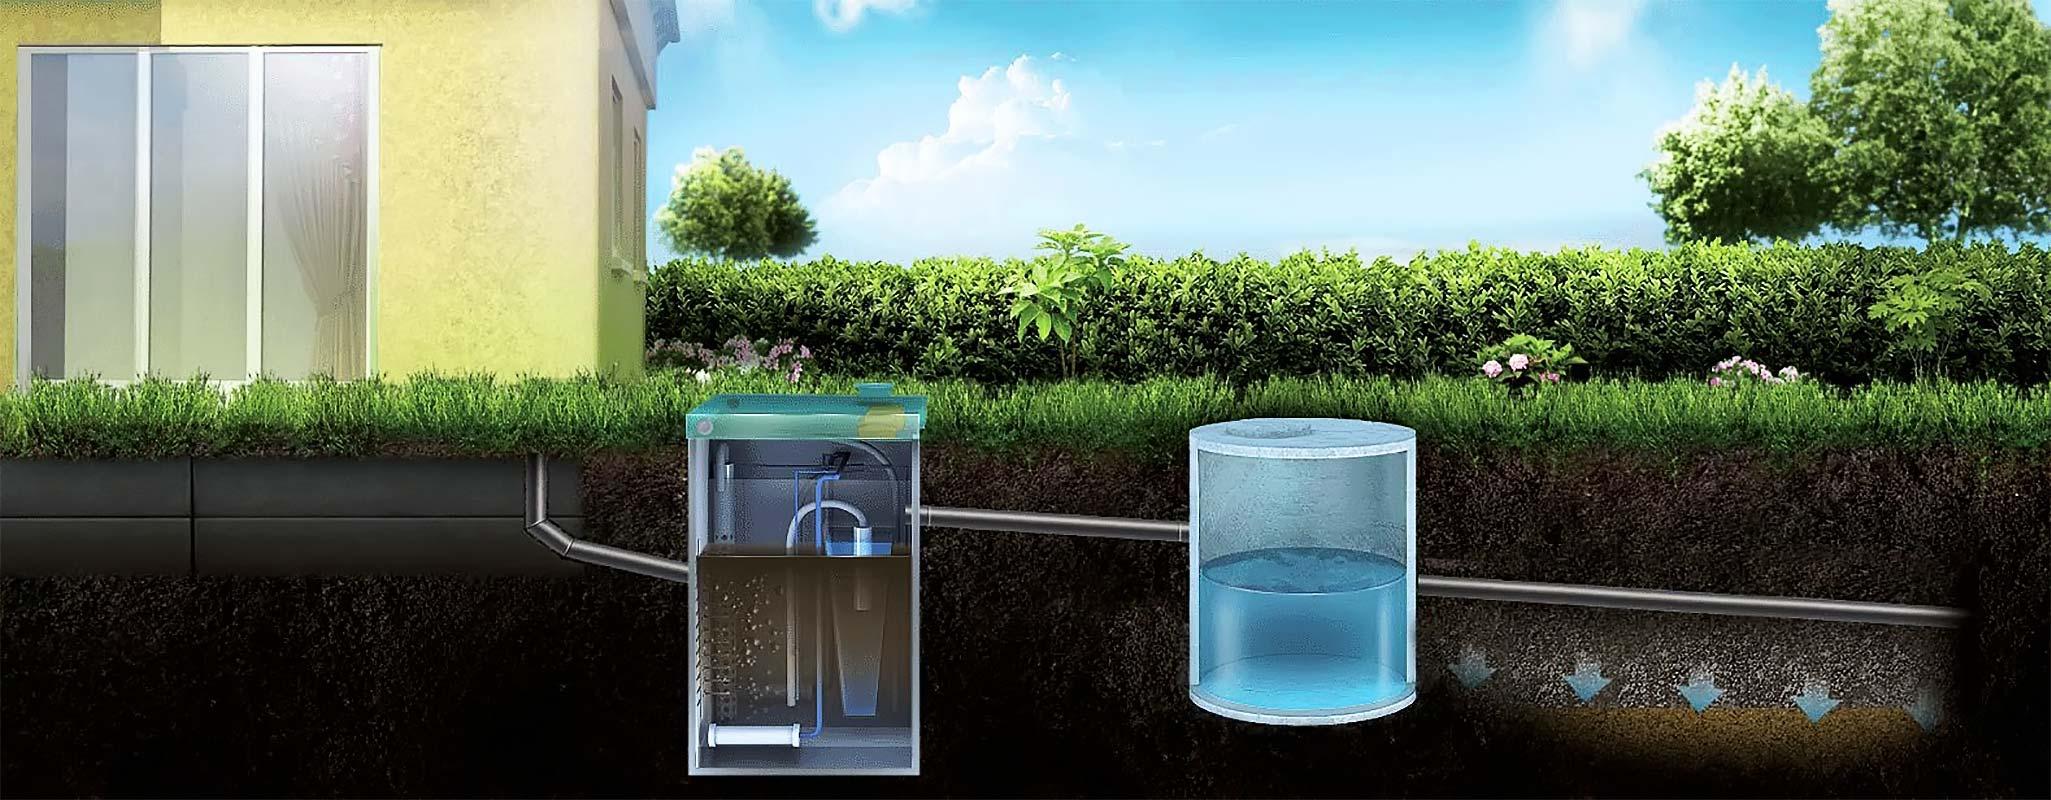 Септик принцип работы и отвод воды в почву